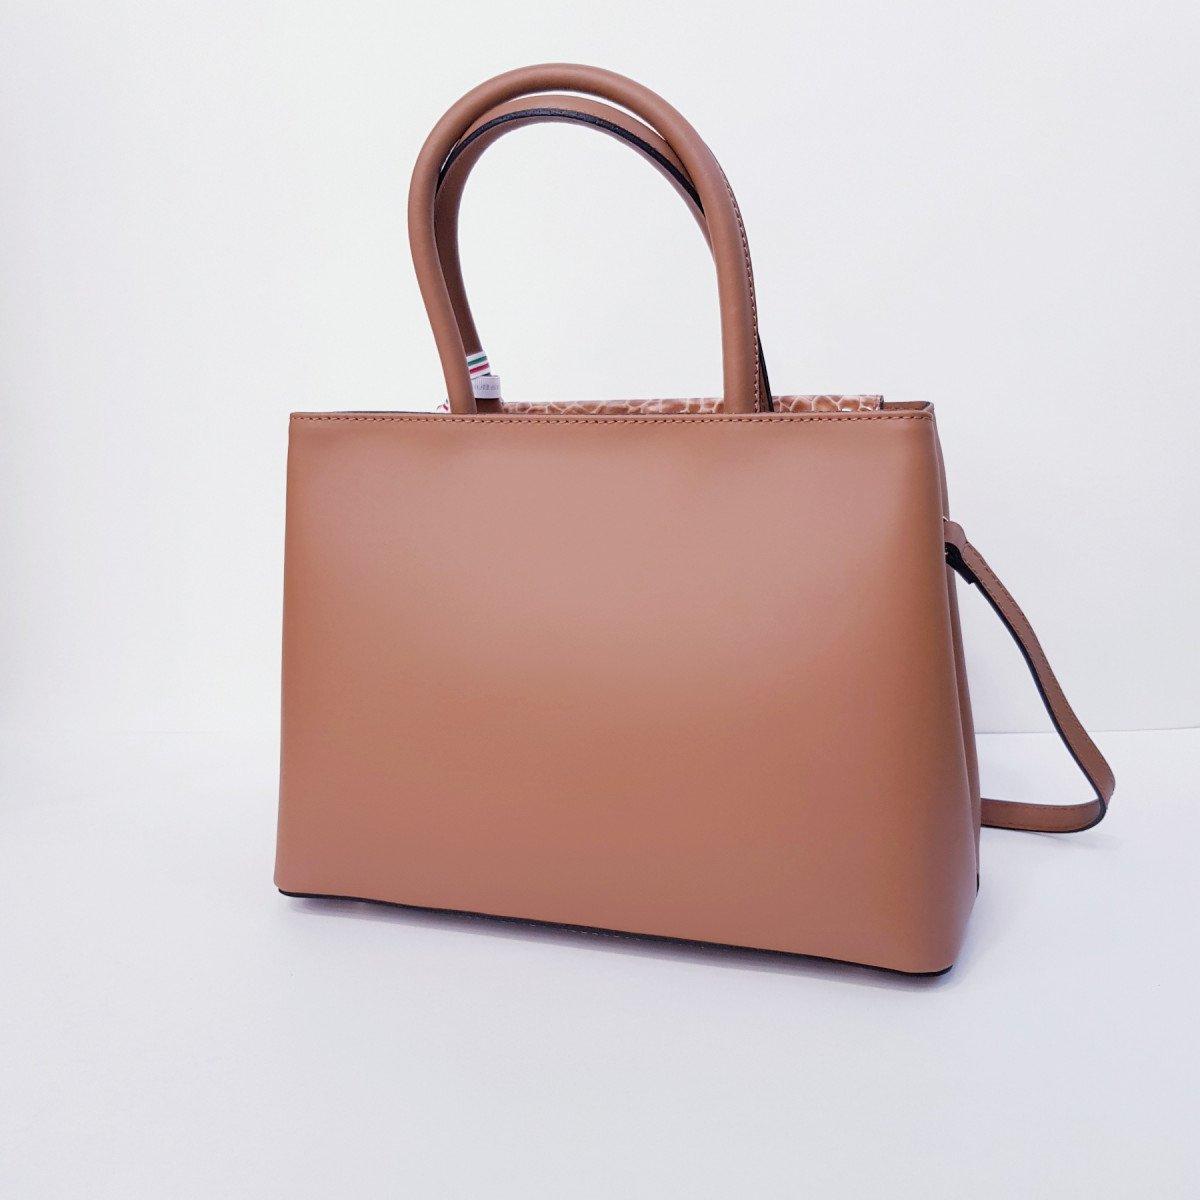 Женская кожаная сумка Sara Burglar A0S1V600 CUOIO из натуральной кожи